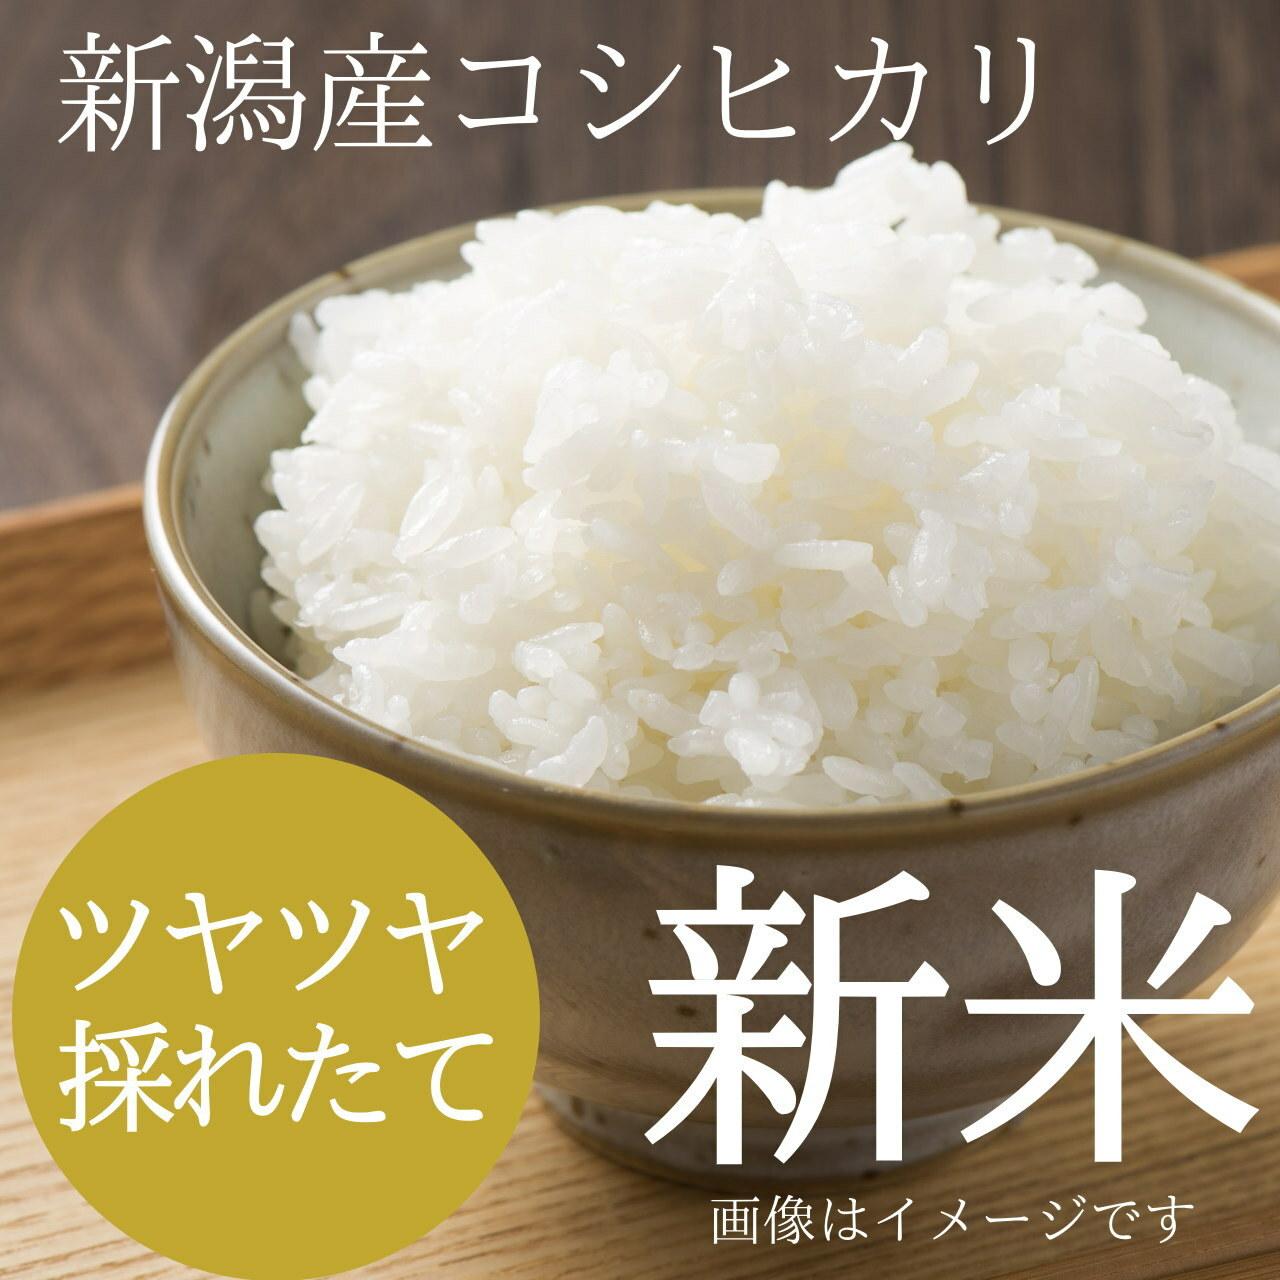 新米 新潟コシヒカリ 15kg (15キロ)新潟米 精白米 農家のお米 2020年 新潟県阿賀野産